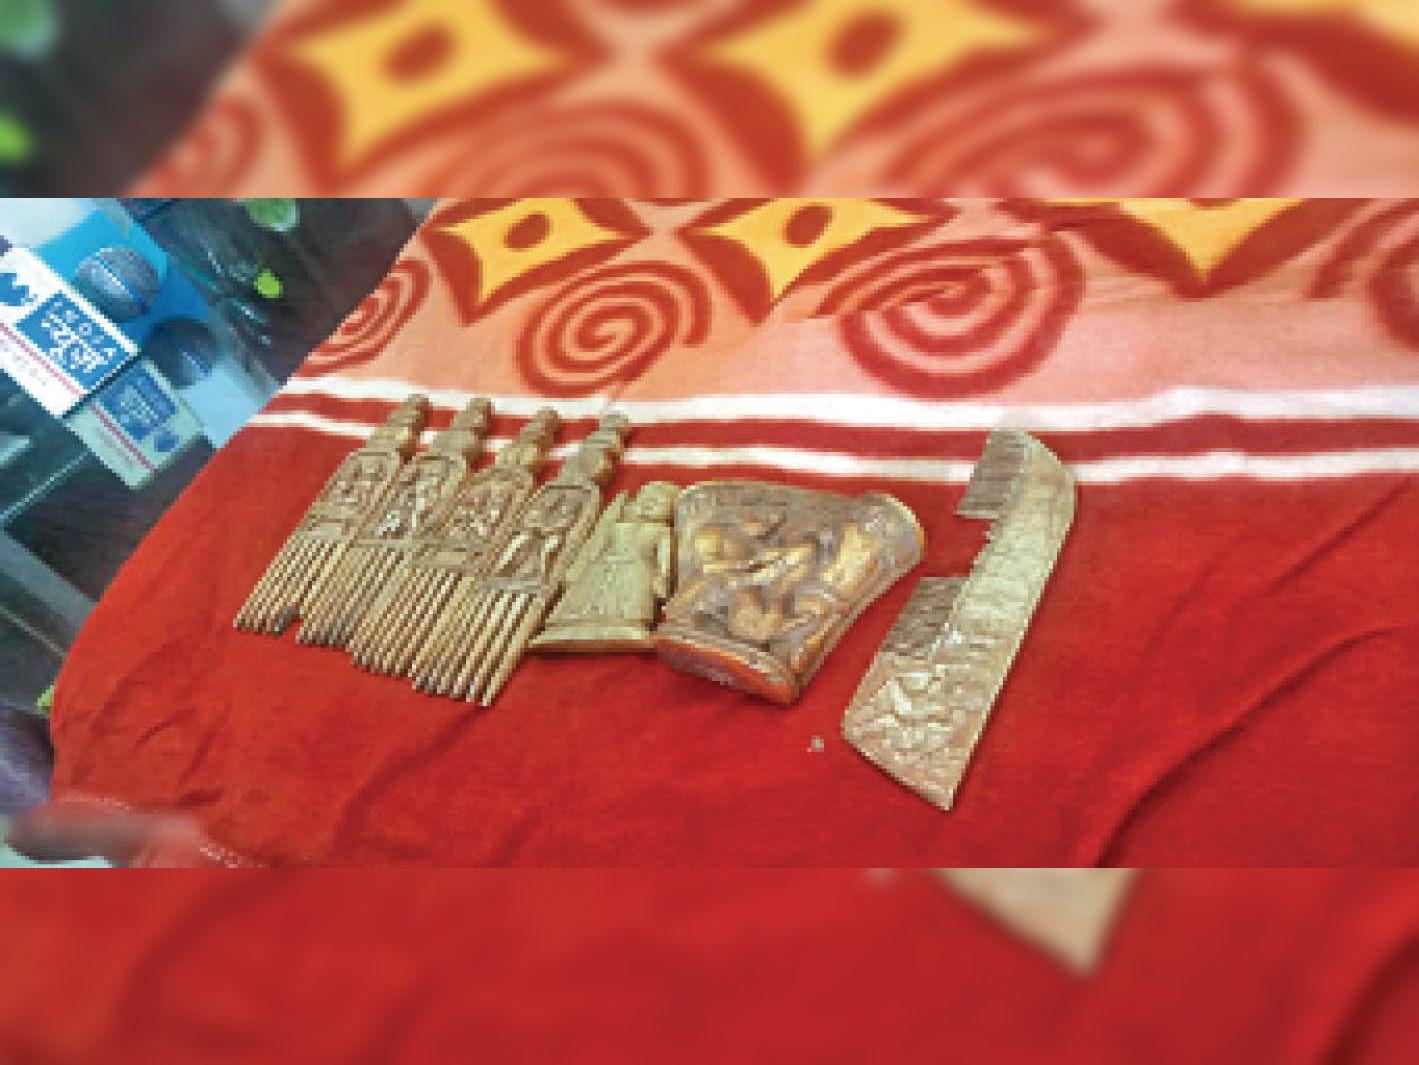 हाथी दांत से बनी कलाकृति समेत एक गिरफ्तार, 3 लाख में बेचने की फिराक में था महासमुंद,Mahasamund - Dainik Bhaskar